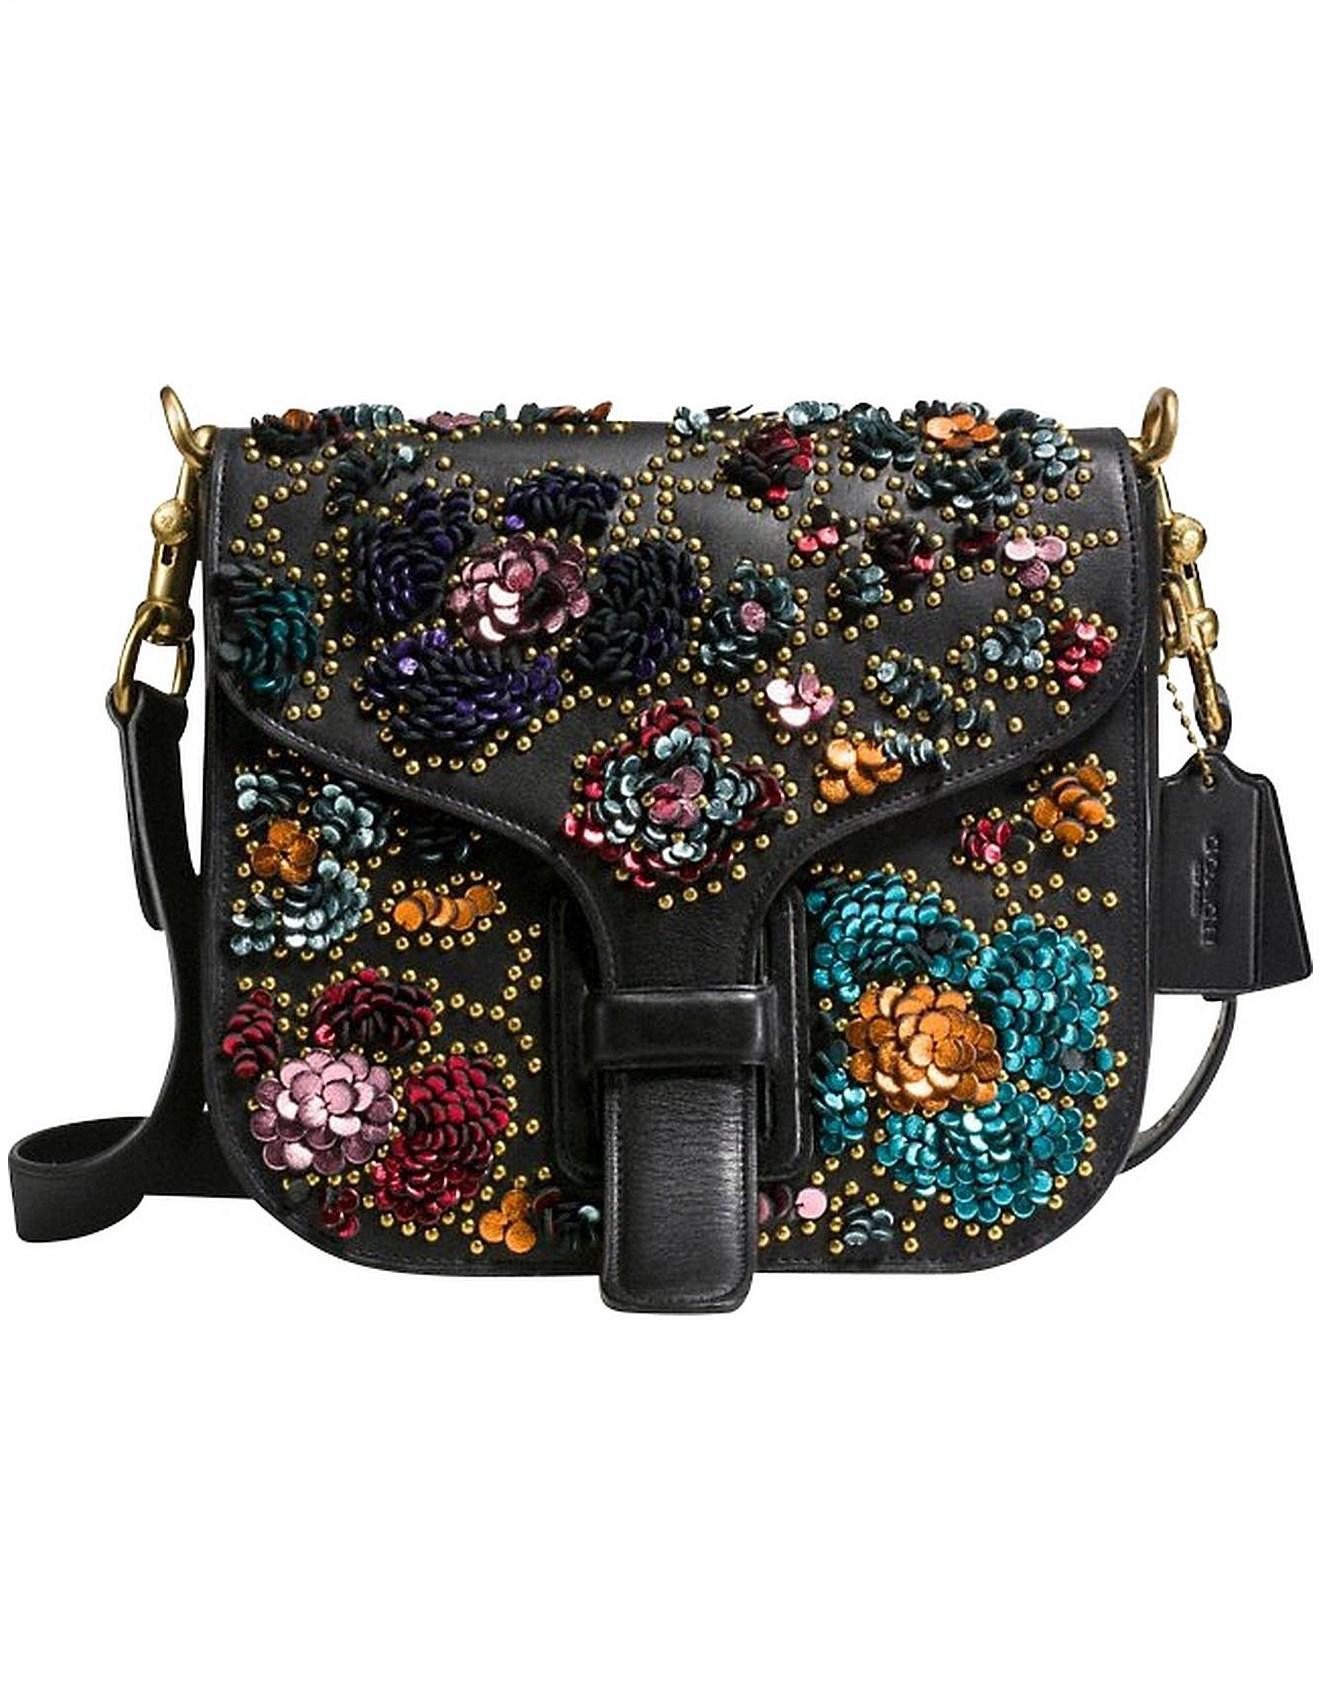 919d7df372b1 Designer Handbags For Women